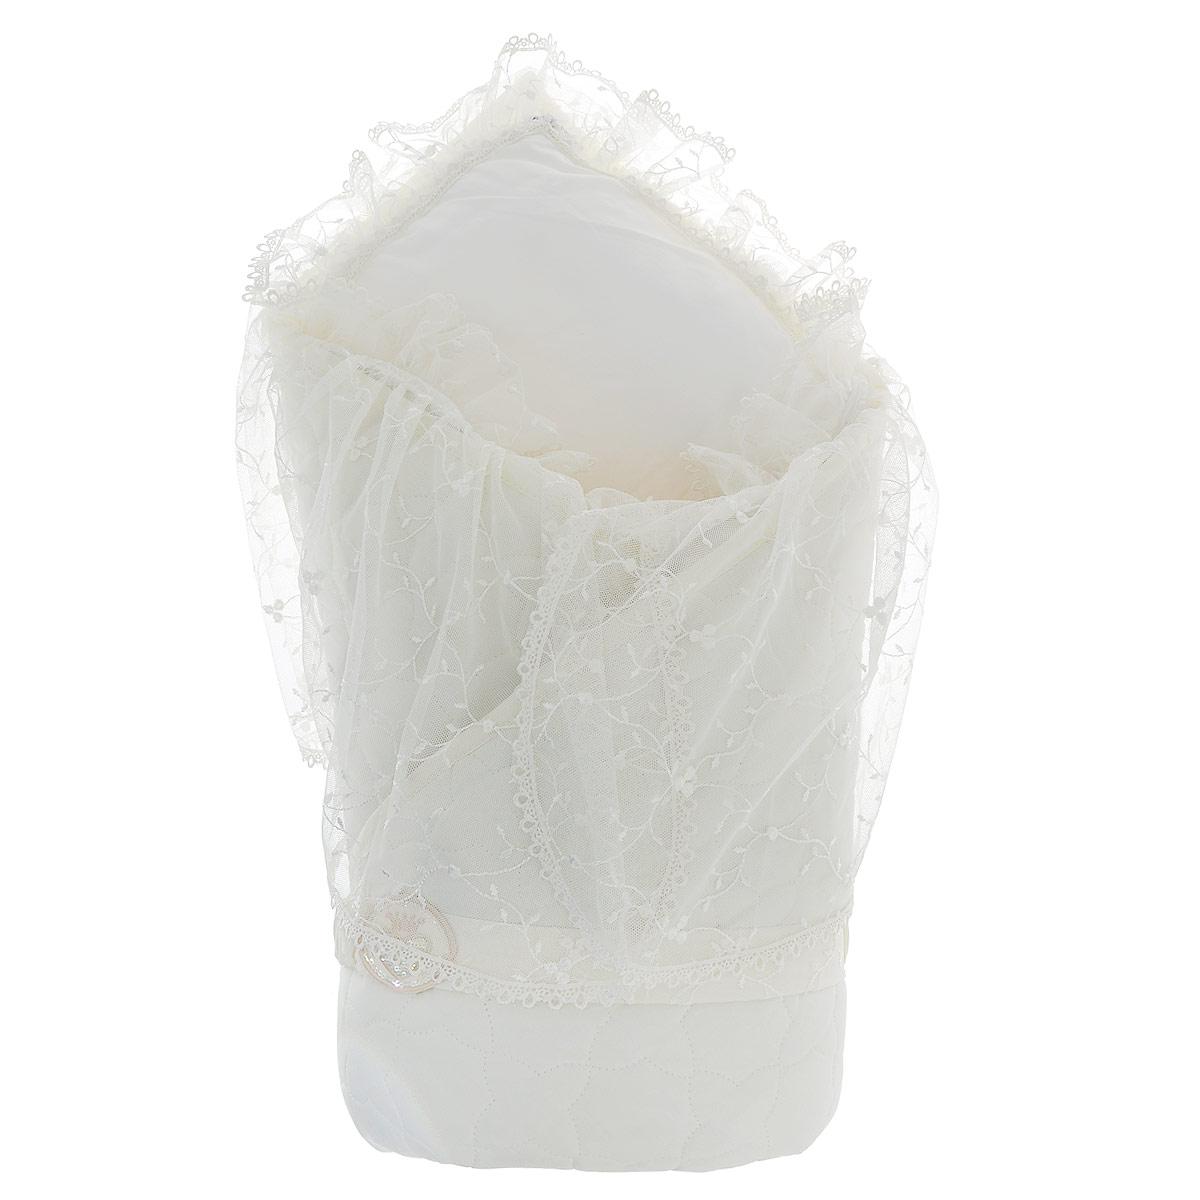 Конверт для новорожденного940/0Конверт-одеяло Сонный гномик Малютка прекрасно подойдет для выписки новорожденного из роддома. В дальнейшем его можно использовать во время прогулок с малышом в коляске-люльке или в качестве удобного коврика для пеленания. Конверт изготовлен из 100% хлопка на хлопковой подкладке - мягкая ткань не раздражает чувствительную и нежную кожу ребенка и хорошо вентилируется. Наполнителем служит холлкон - экологически безопасный гипоаллергенный синтетический материал, обладающий высокими теплозащитными свойствами. Конверт-одеяло складывается и фиксируется на липучку. В комплект входит эластичный поясок на липучке, украшенный оригинальной нашивкой. Верхняя часть конверта украшена вуалью с ажурной вышивкой, пристегивающуюся с помощью застежек-молний. Также конверт оформлен фигурной прострочкой. Оригинальный конверт на выписку порадует взгляд родителей и прохожих.